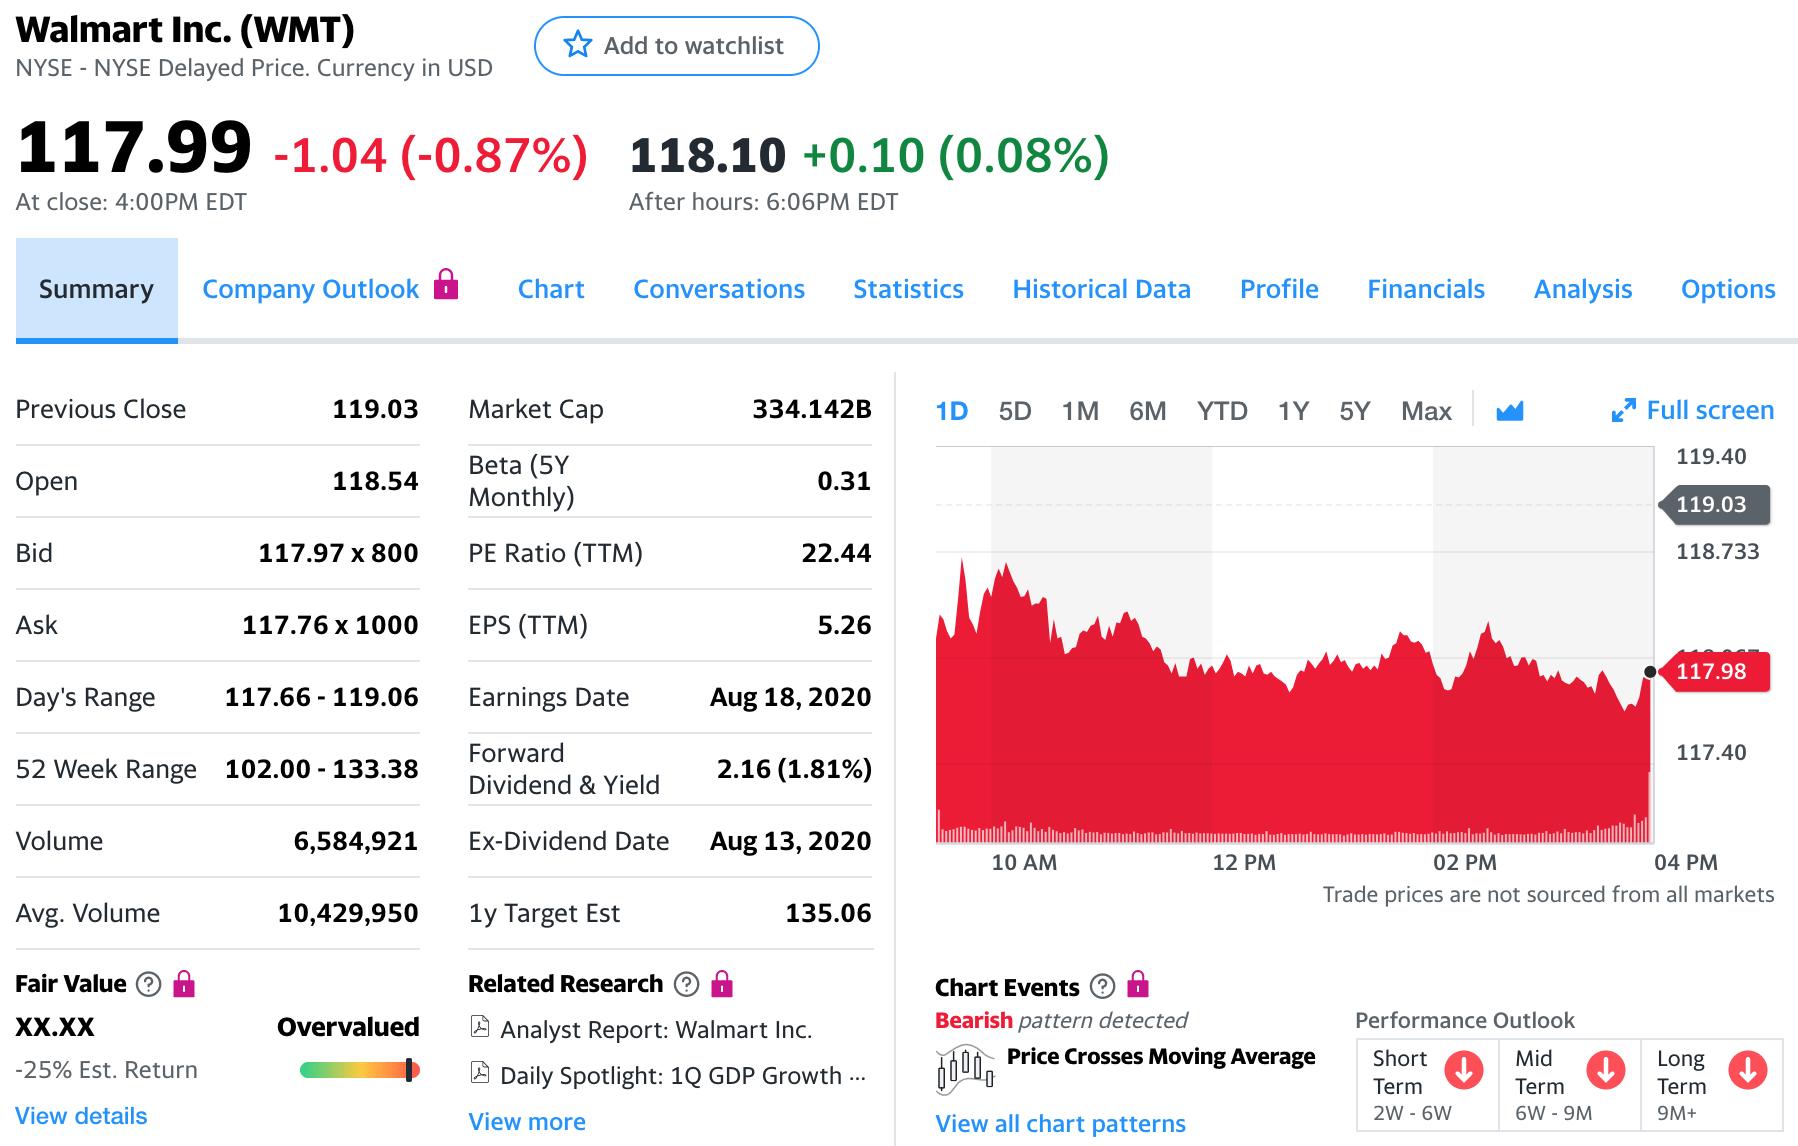 Cómo comprar acciones de Walmart